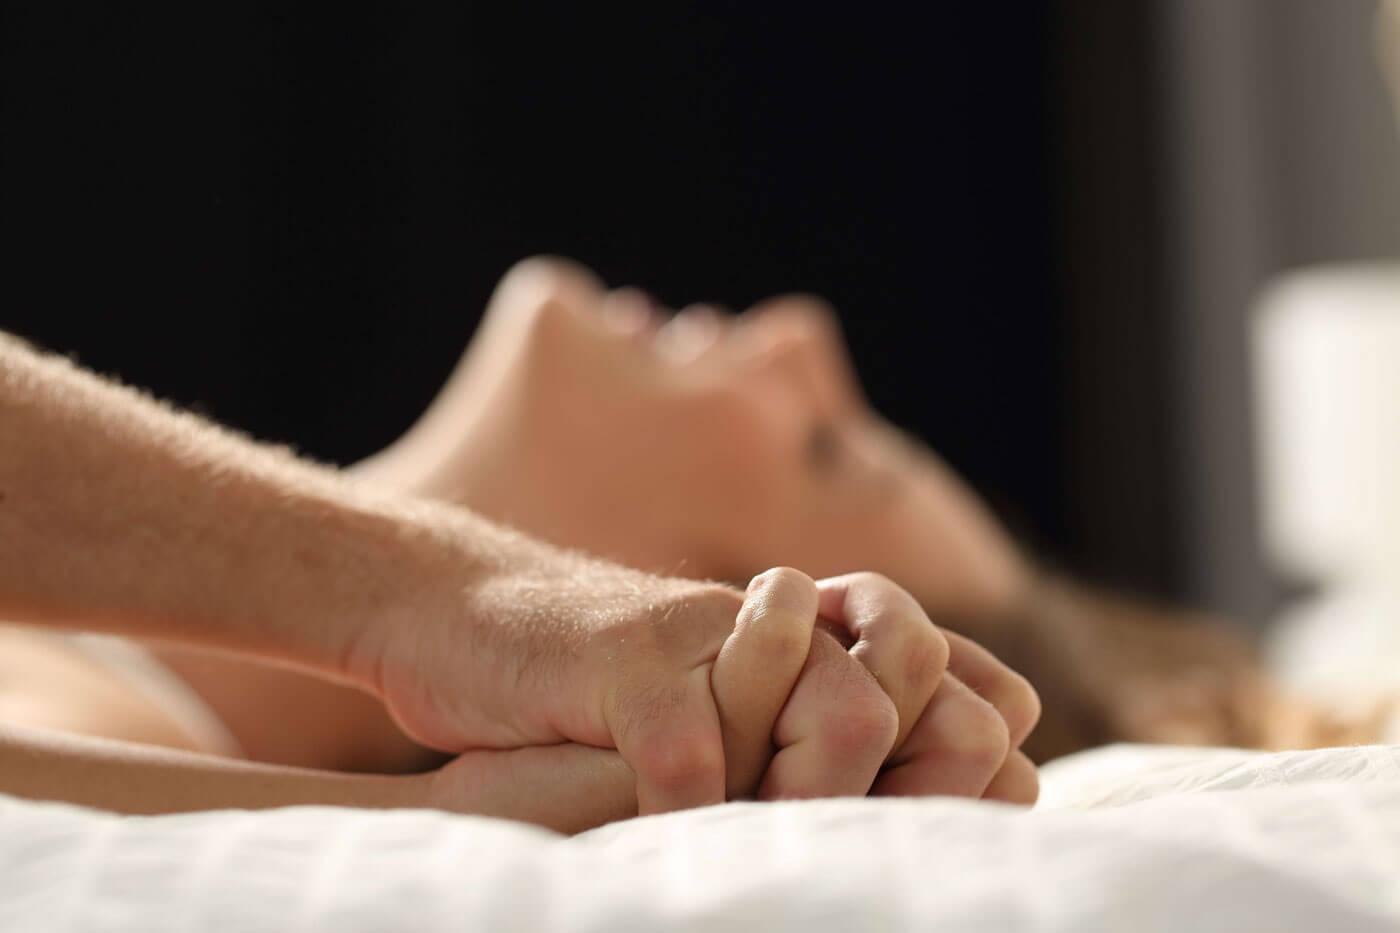 Как доставить женщине максимальное удовольствие в сексе